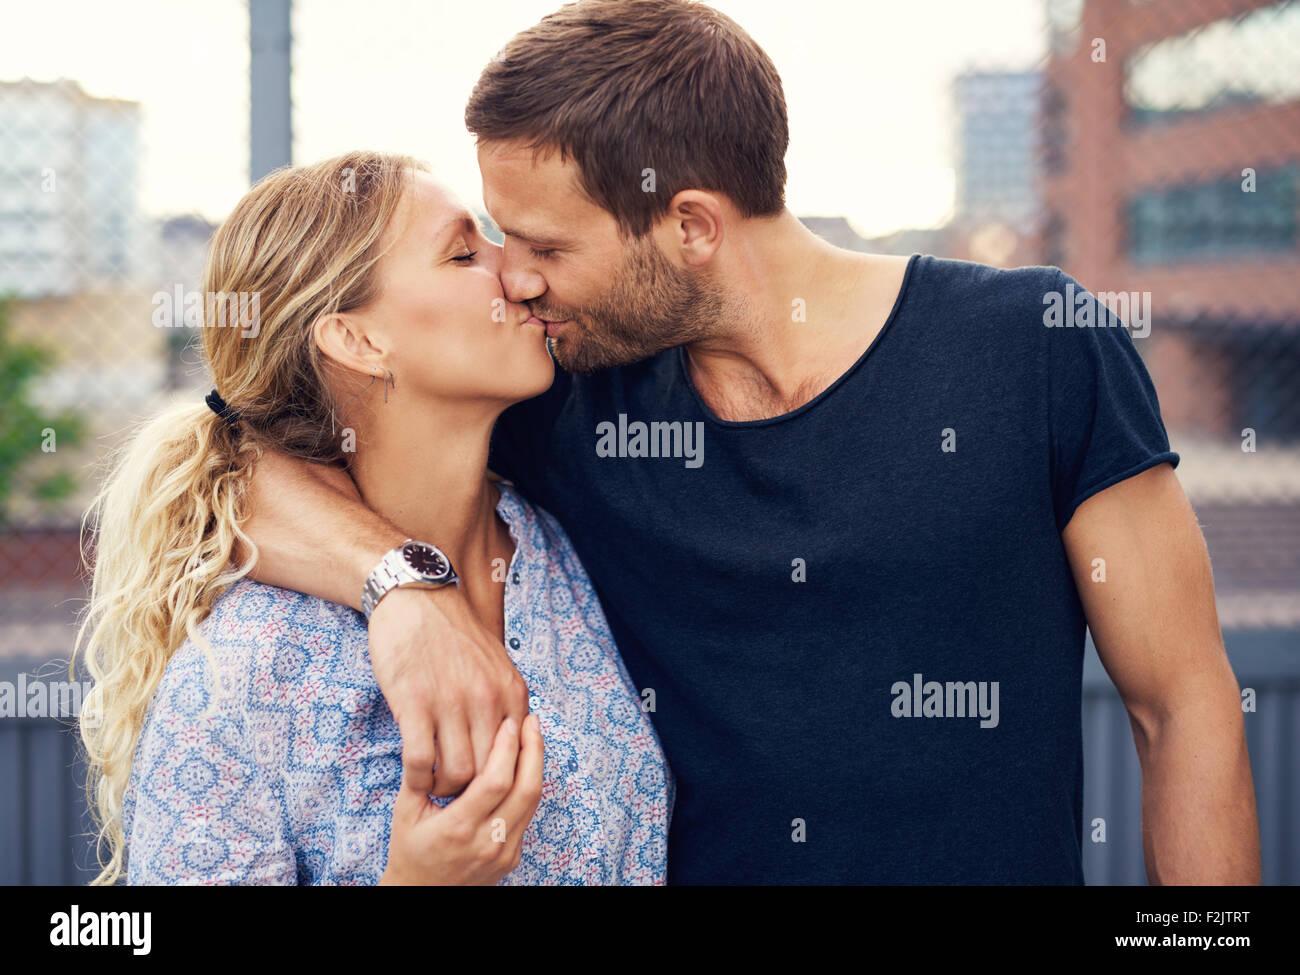 Atractiva amorosa pareja joven disfrute de un romántico beso como soporte del brazo en el exterior en una calle Imagen De Stock